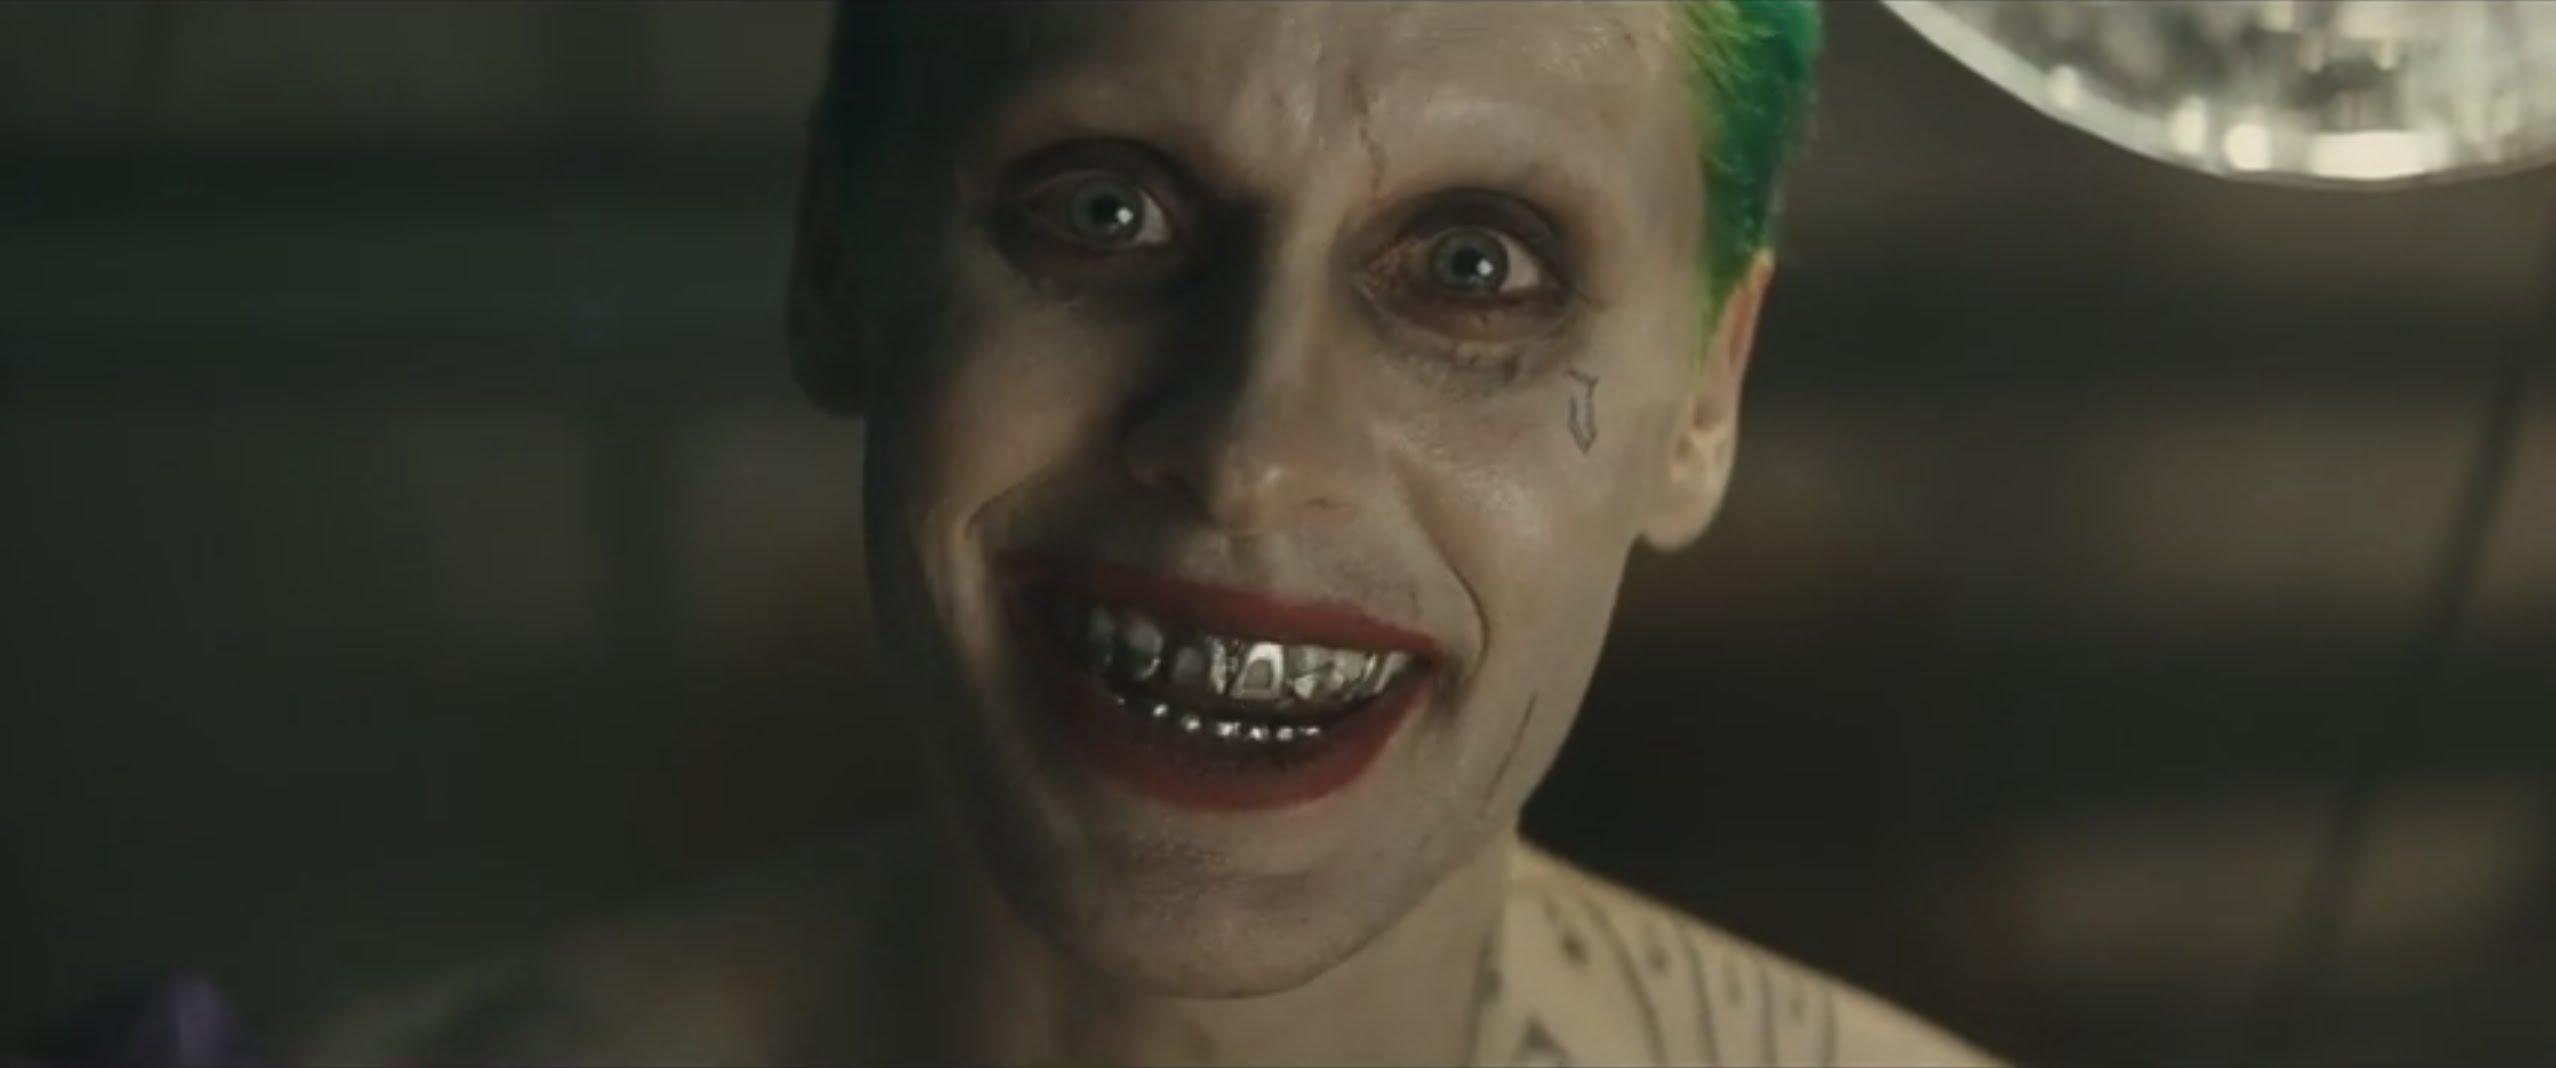 Suicide-Squad-3D-the-joker